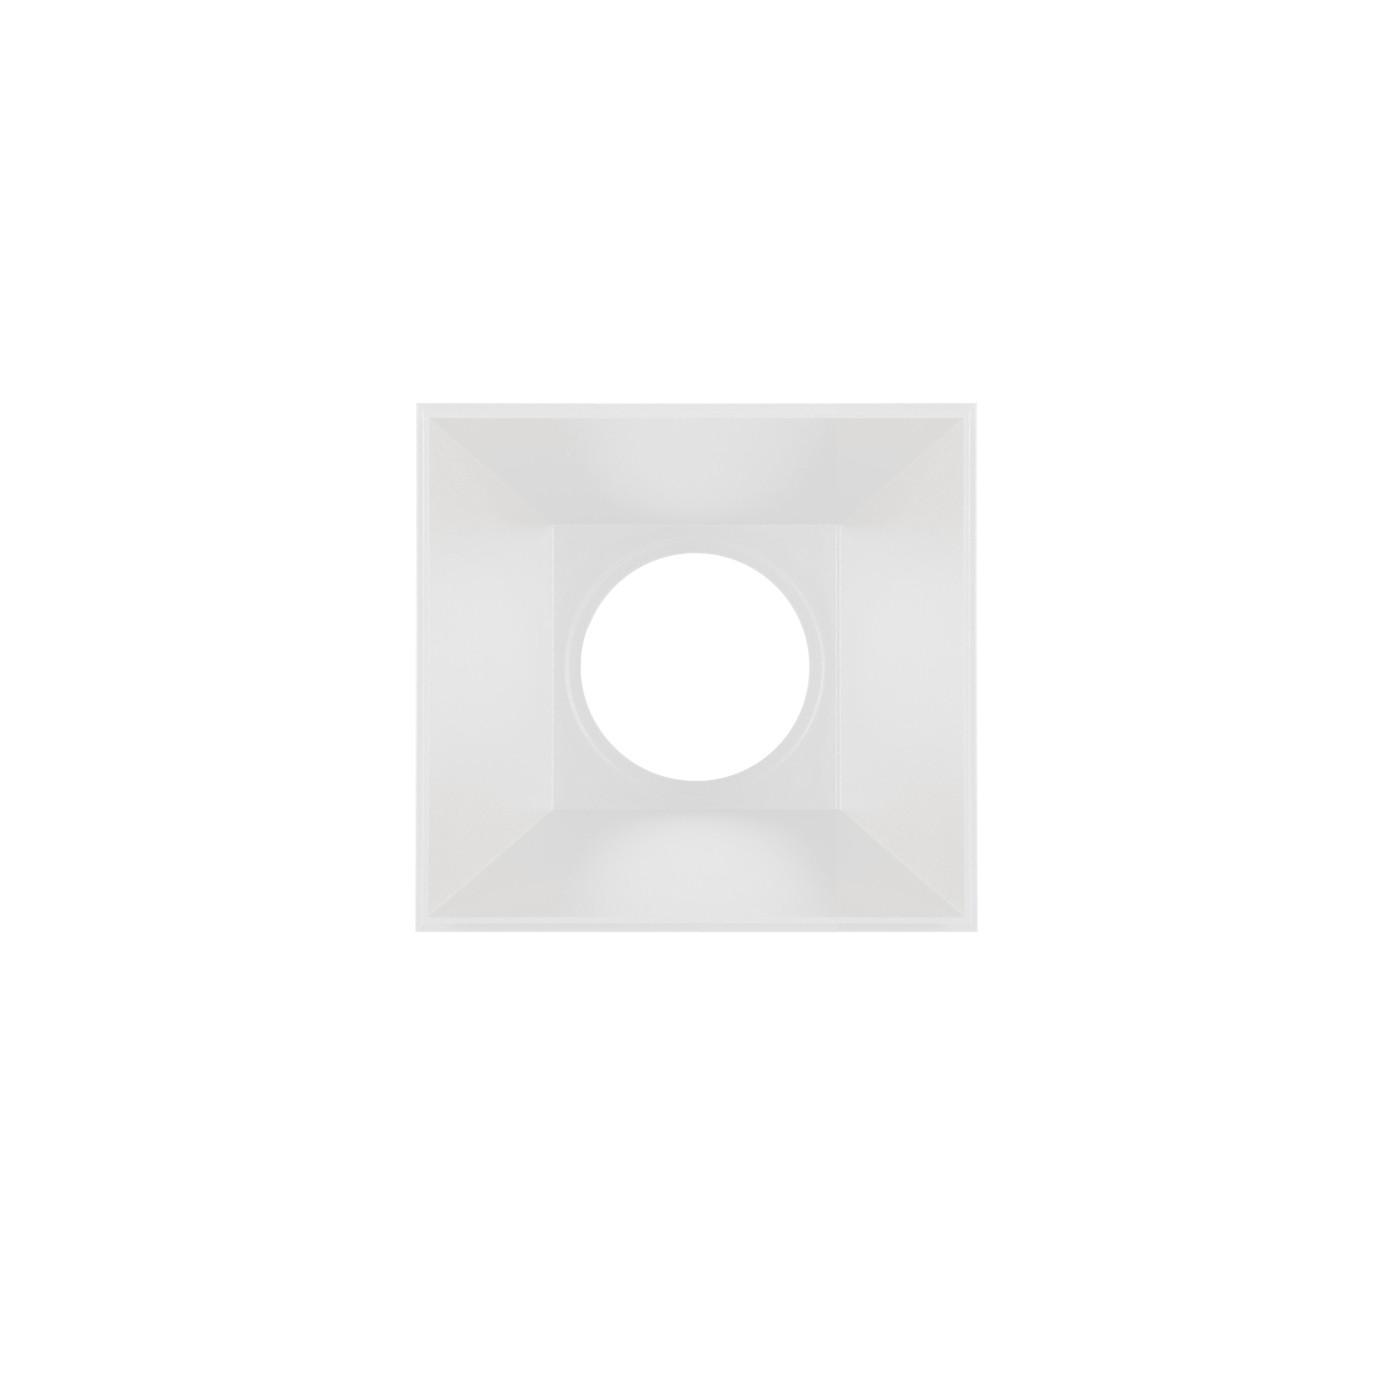 Wever & Ducré Box 1.0 réflecteur intérieur unique max. 10W